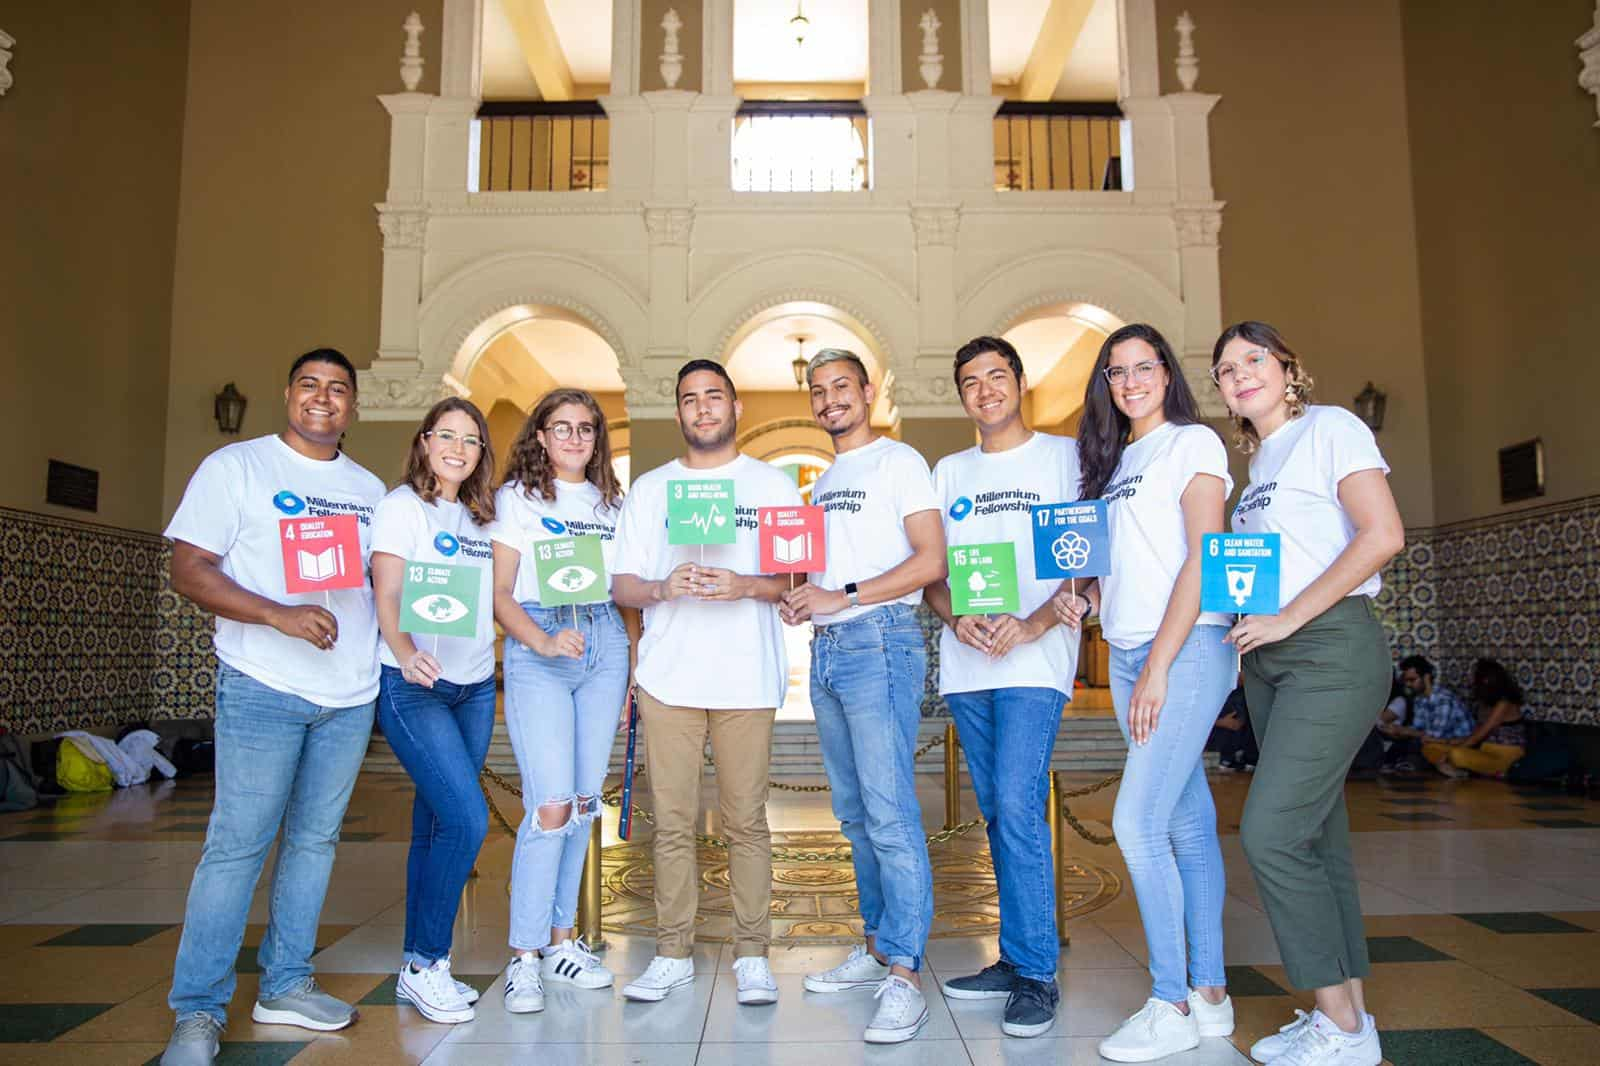 Estudiantes de la IUPI son seleccionados para trabajar proyectos de impacto comunitario